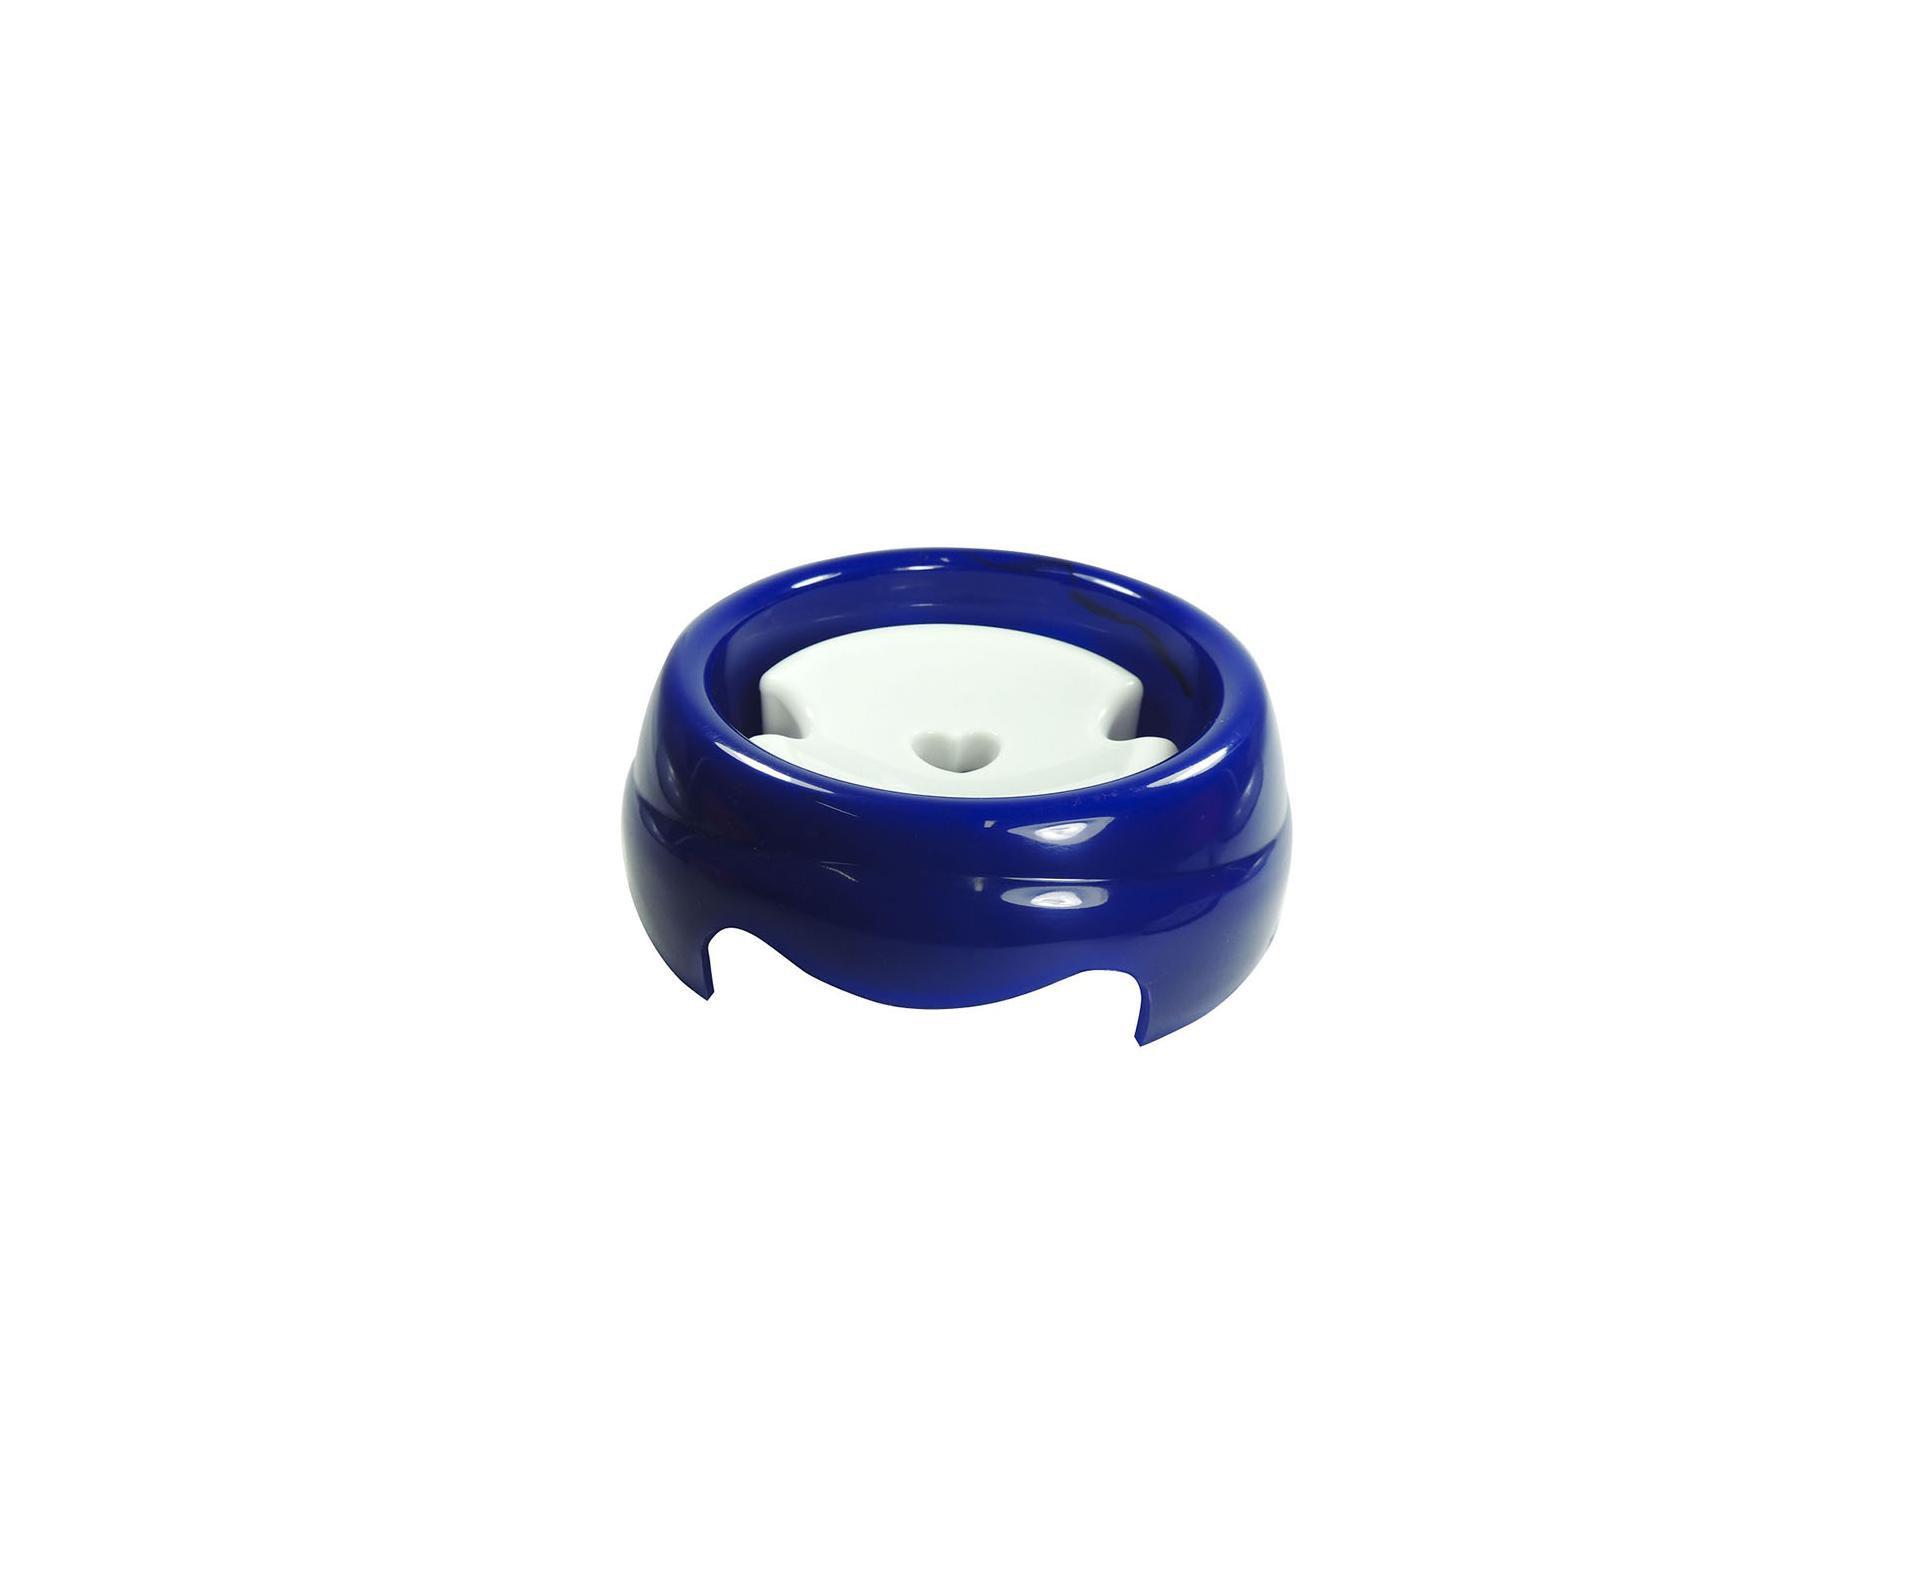 Bebedouro Plast Especial P/caes 1000ml Azul - Pelo Longo - Furacão